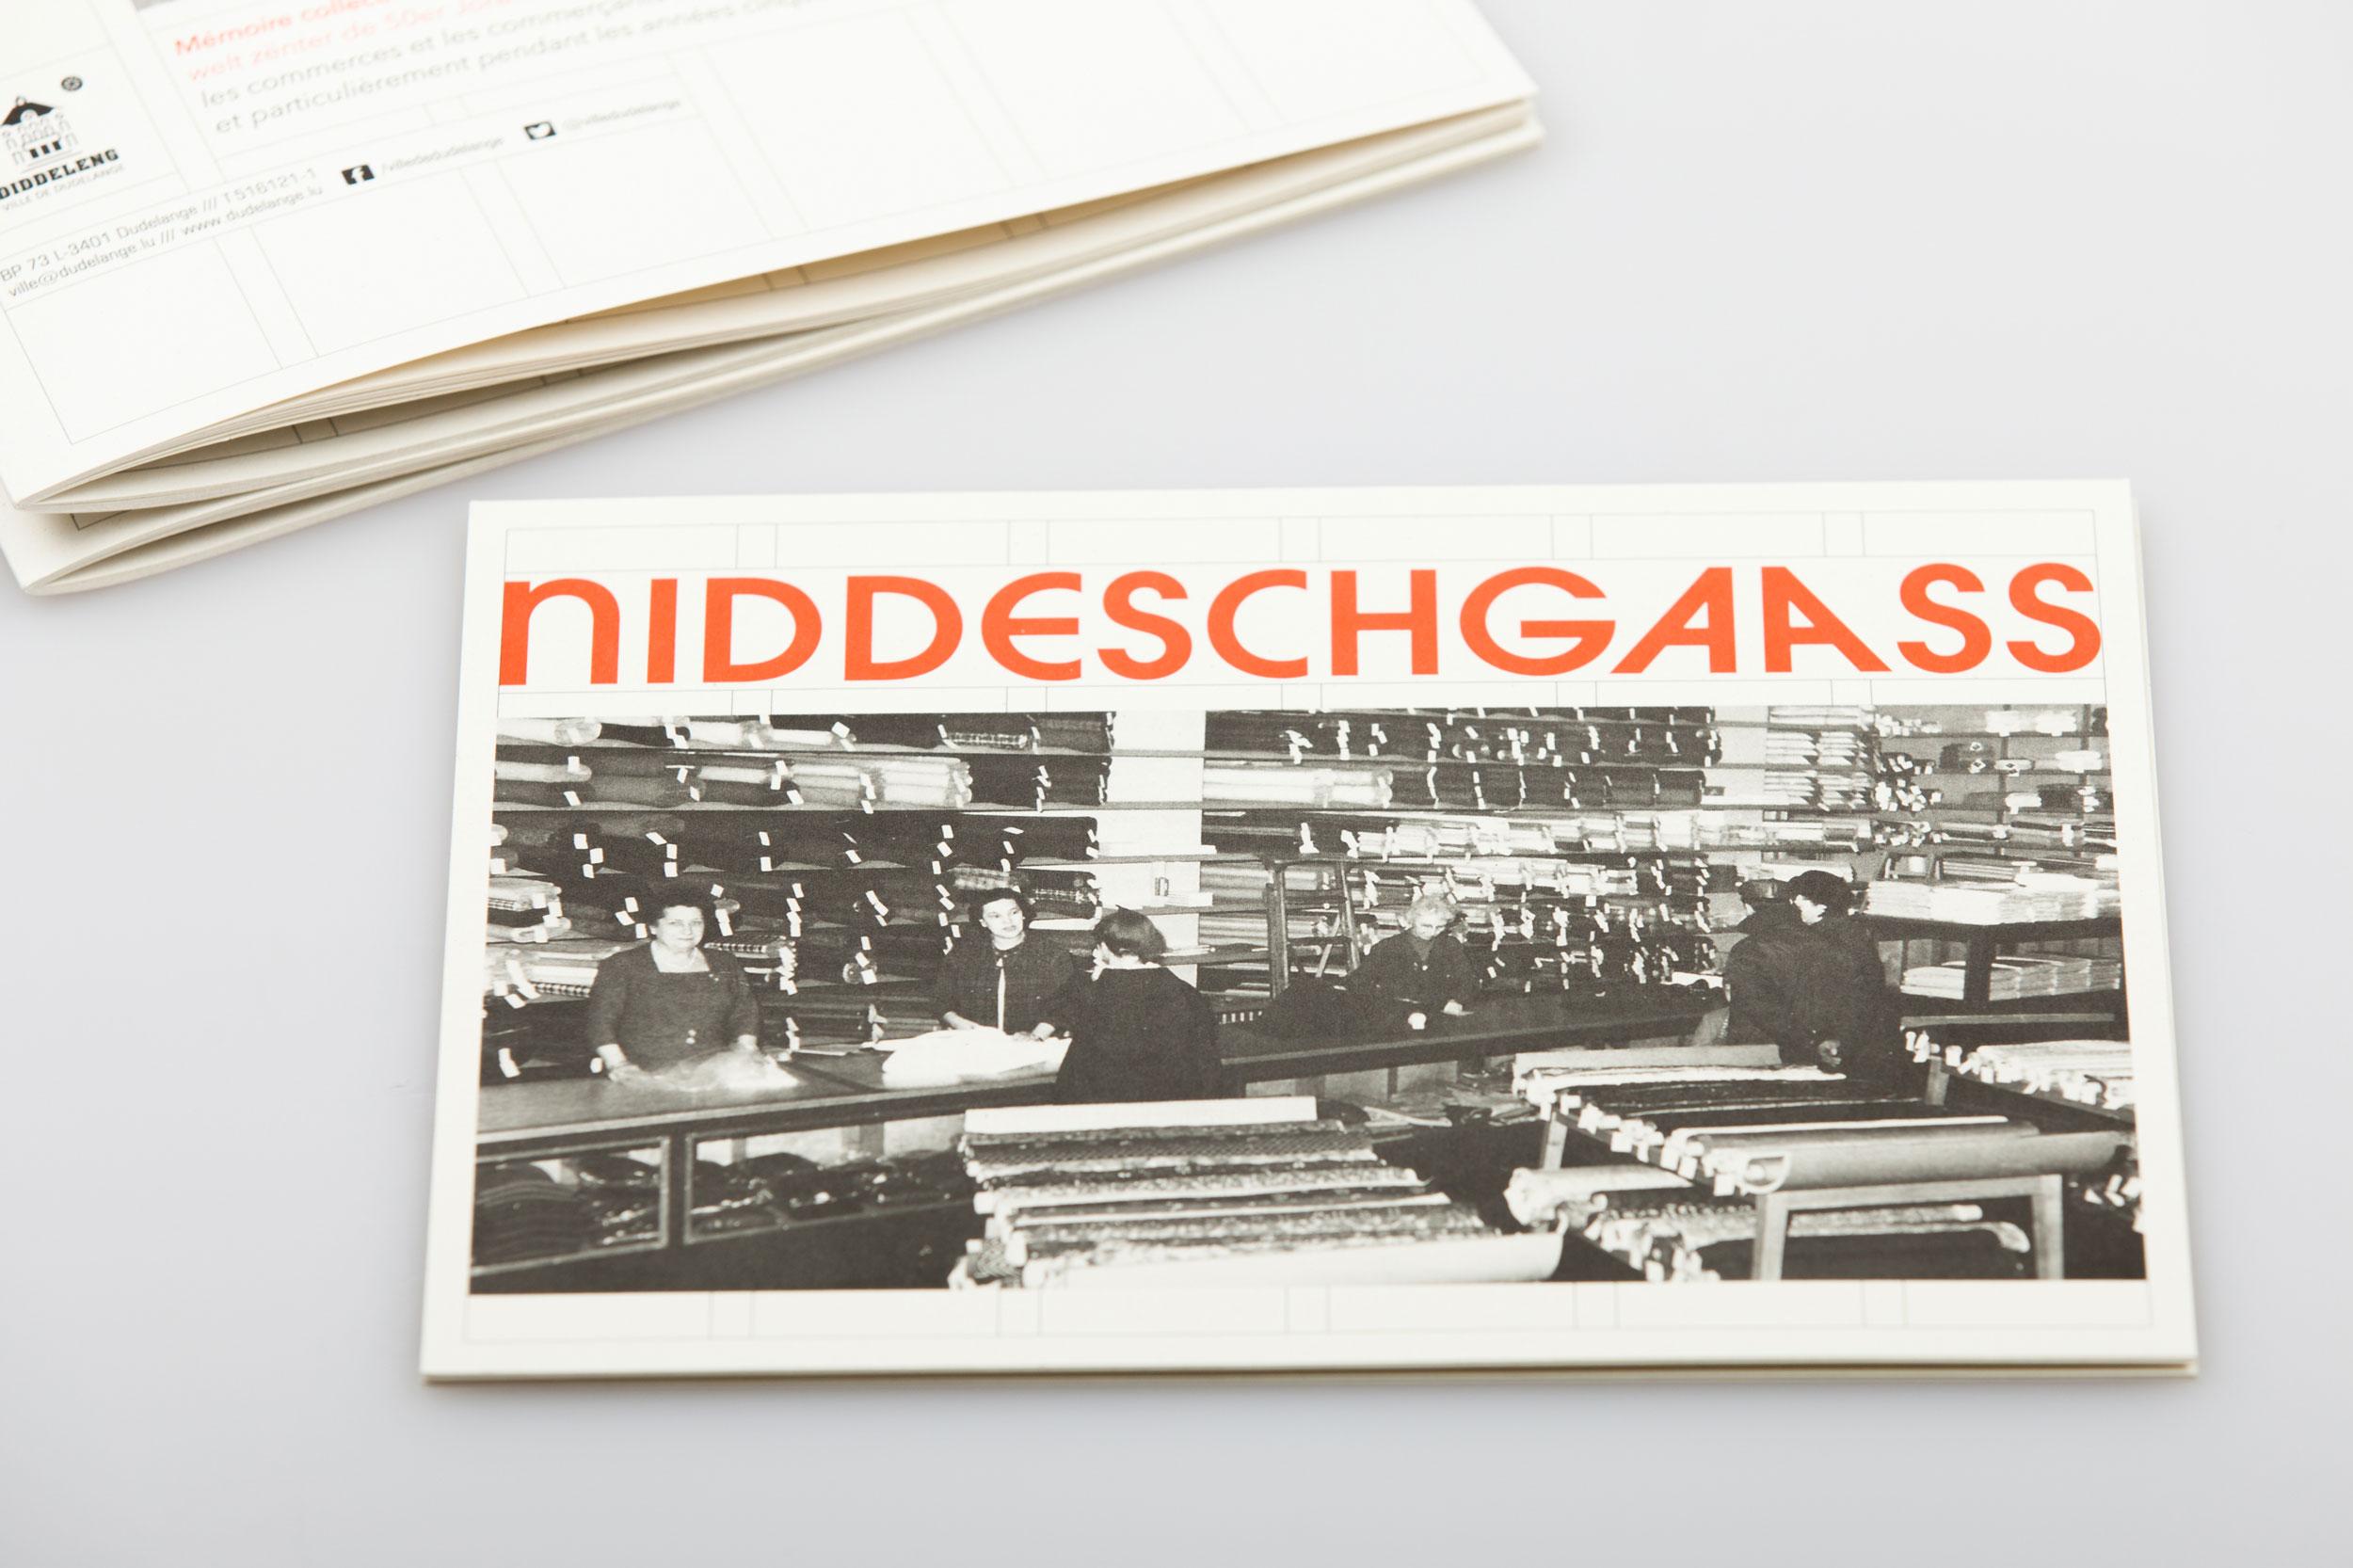 Niddeschgaass